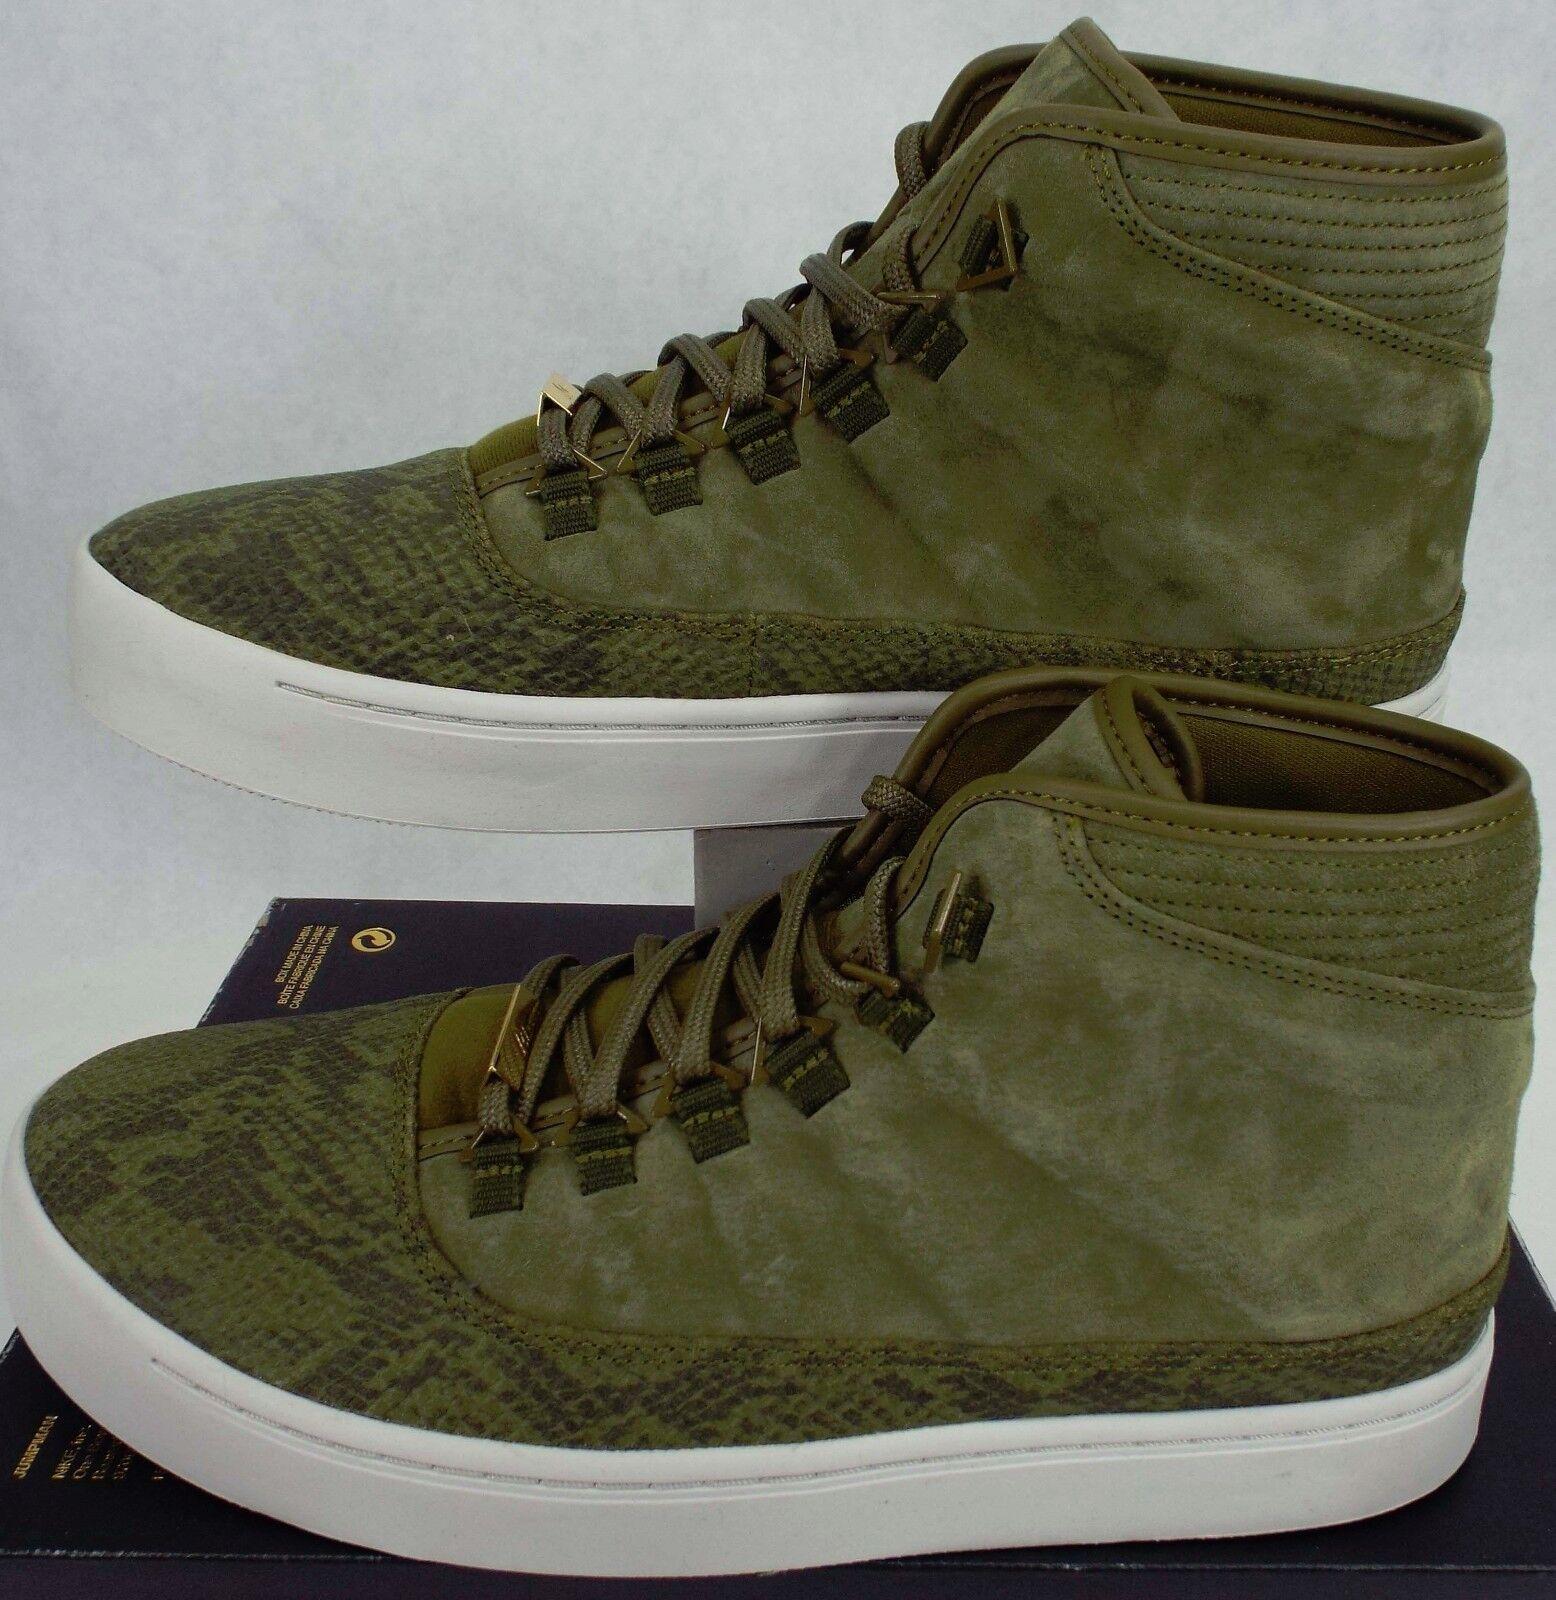 New Mens 10.5 NIKE Air Jordan Westbrook 0 Suede Leather shoes  768934-305